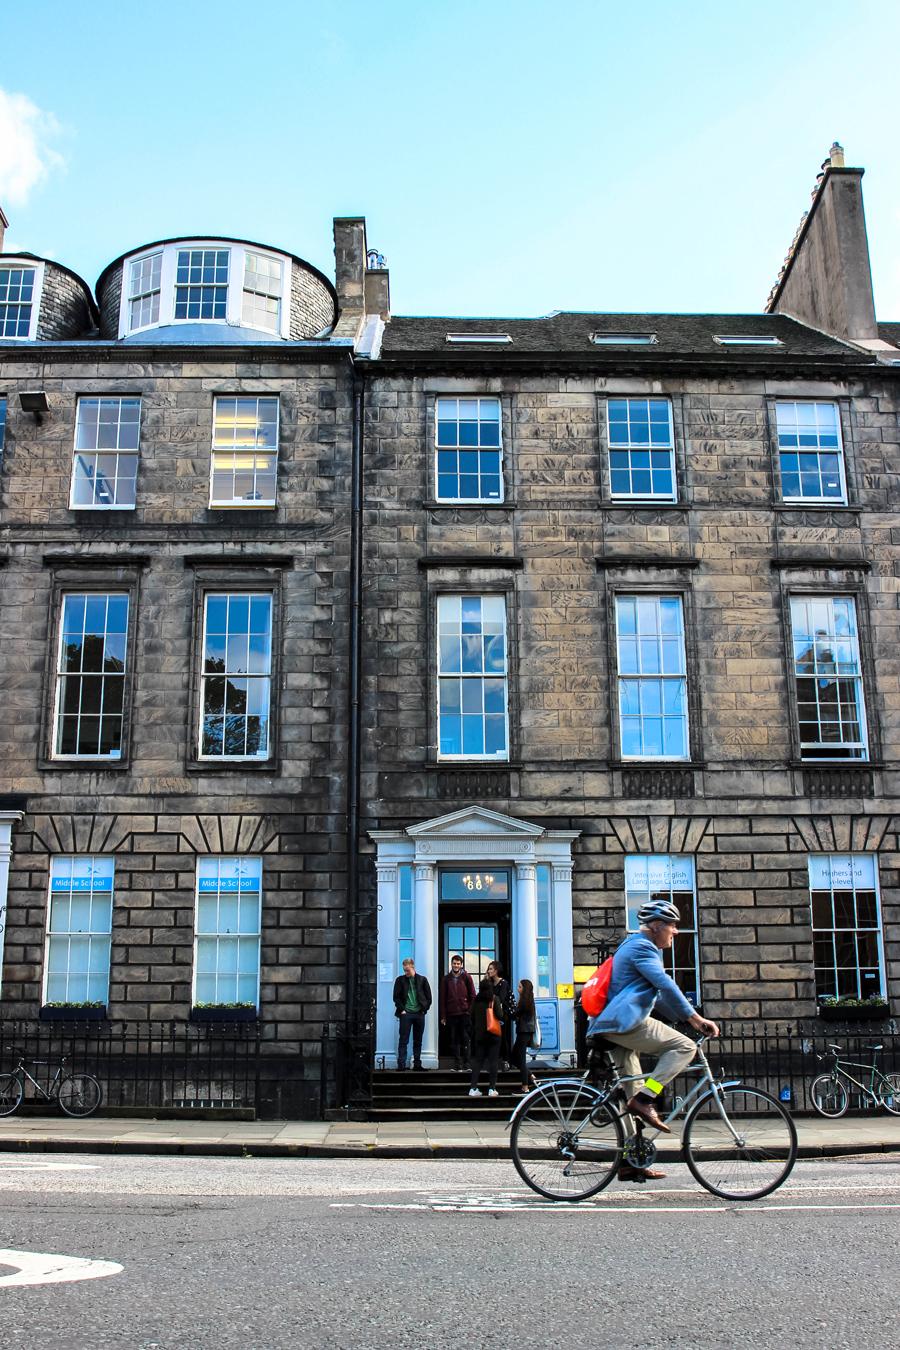 La scuola d'inglese Basil Paterson in Queen Street a Edimburgo